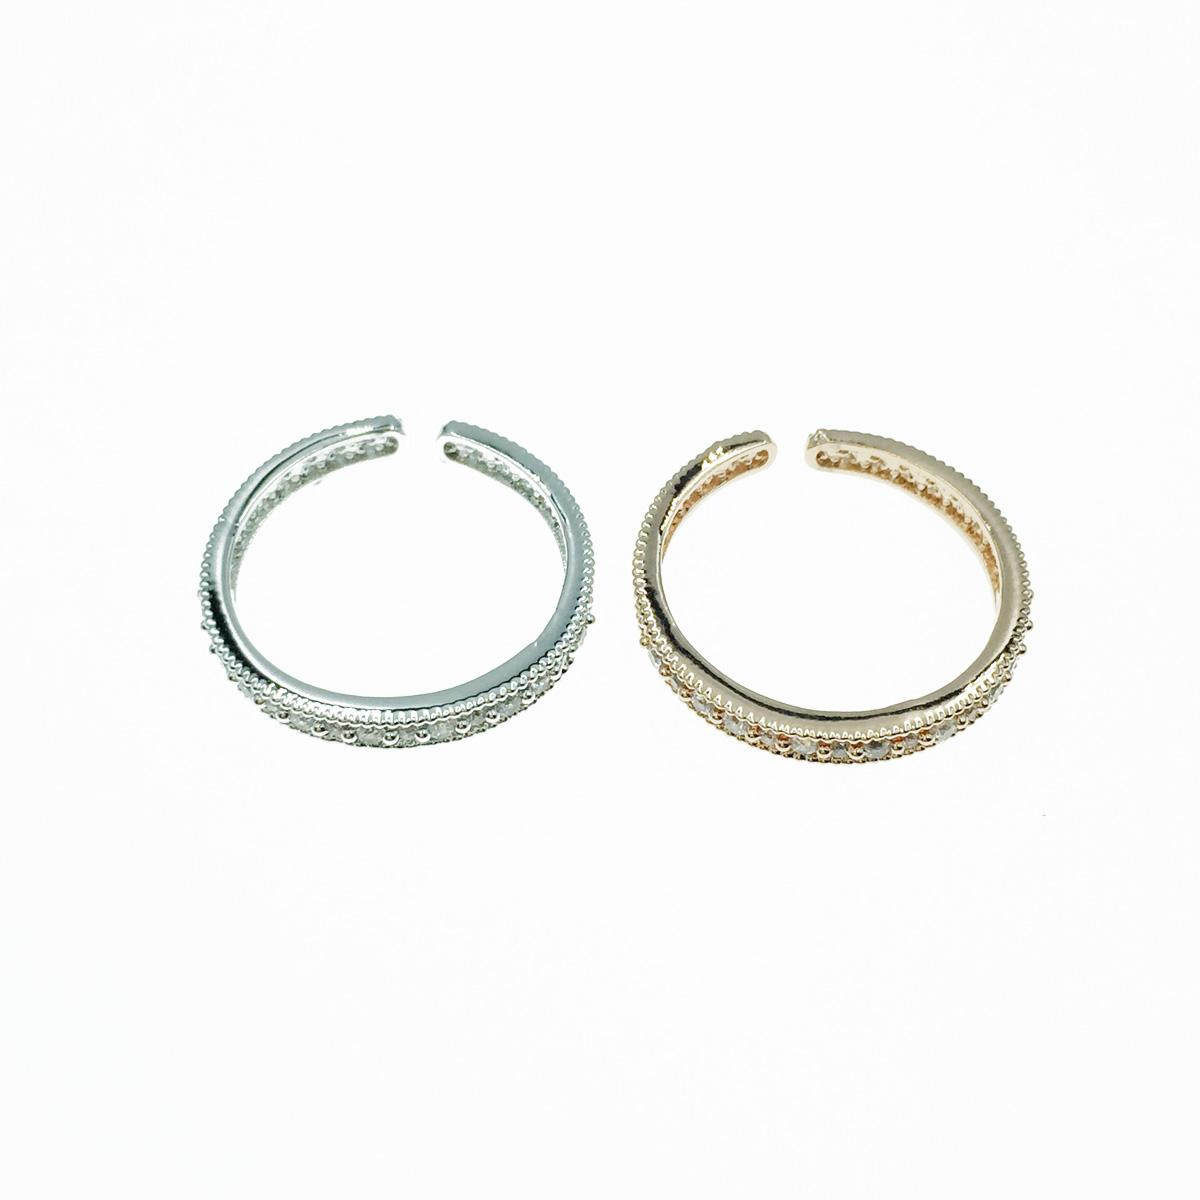 韓國 簍空 夾心水鑽 開口可調 銀 玫瑰金 2色 質感 手飾 戒指